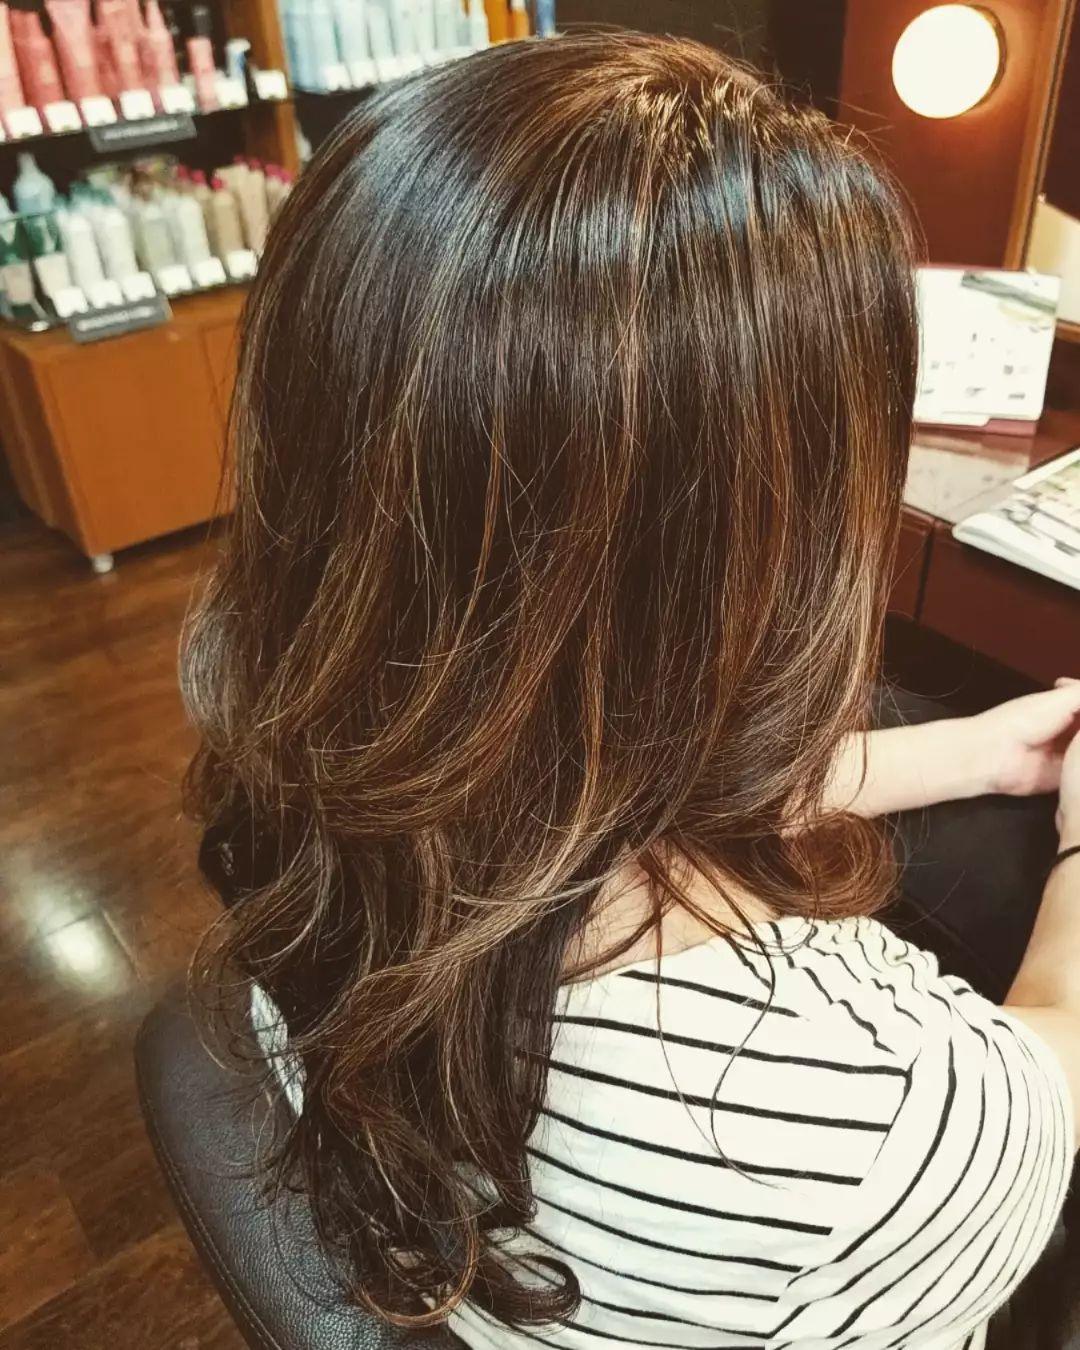 白髪はしっかり染めたいけど、暗くしたくない方に♡定期的にポイントでハイライトをいれていき、徐々に明るくしています!【ブリーチは必須です】ですが…AVEDAカラーなので艶々です♡スタイリスト 井元#宇都宮#美容室#宇都宮美容室#trinity#トリニティ#aveda#avedaサロン#avedaカラー#カラー#カット#エイジング#エイジングケア#ヘッドスパ#トリートメント#オーガニック#オーガニックカラー#アジュバン#クラスs#カスイ#ソーマライト#光ケア#ドクタースカルプ#ヘアビューザー#ヘアビューロン#バイオプログラミング#ダイソン#エアラップ#サイエンスアクア#髪質改善